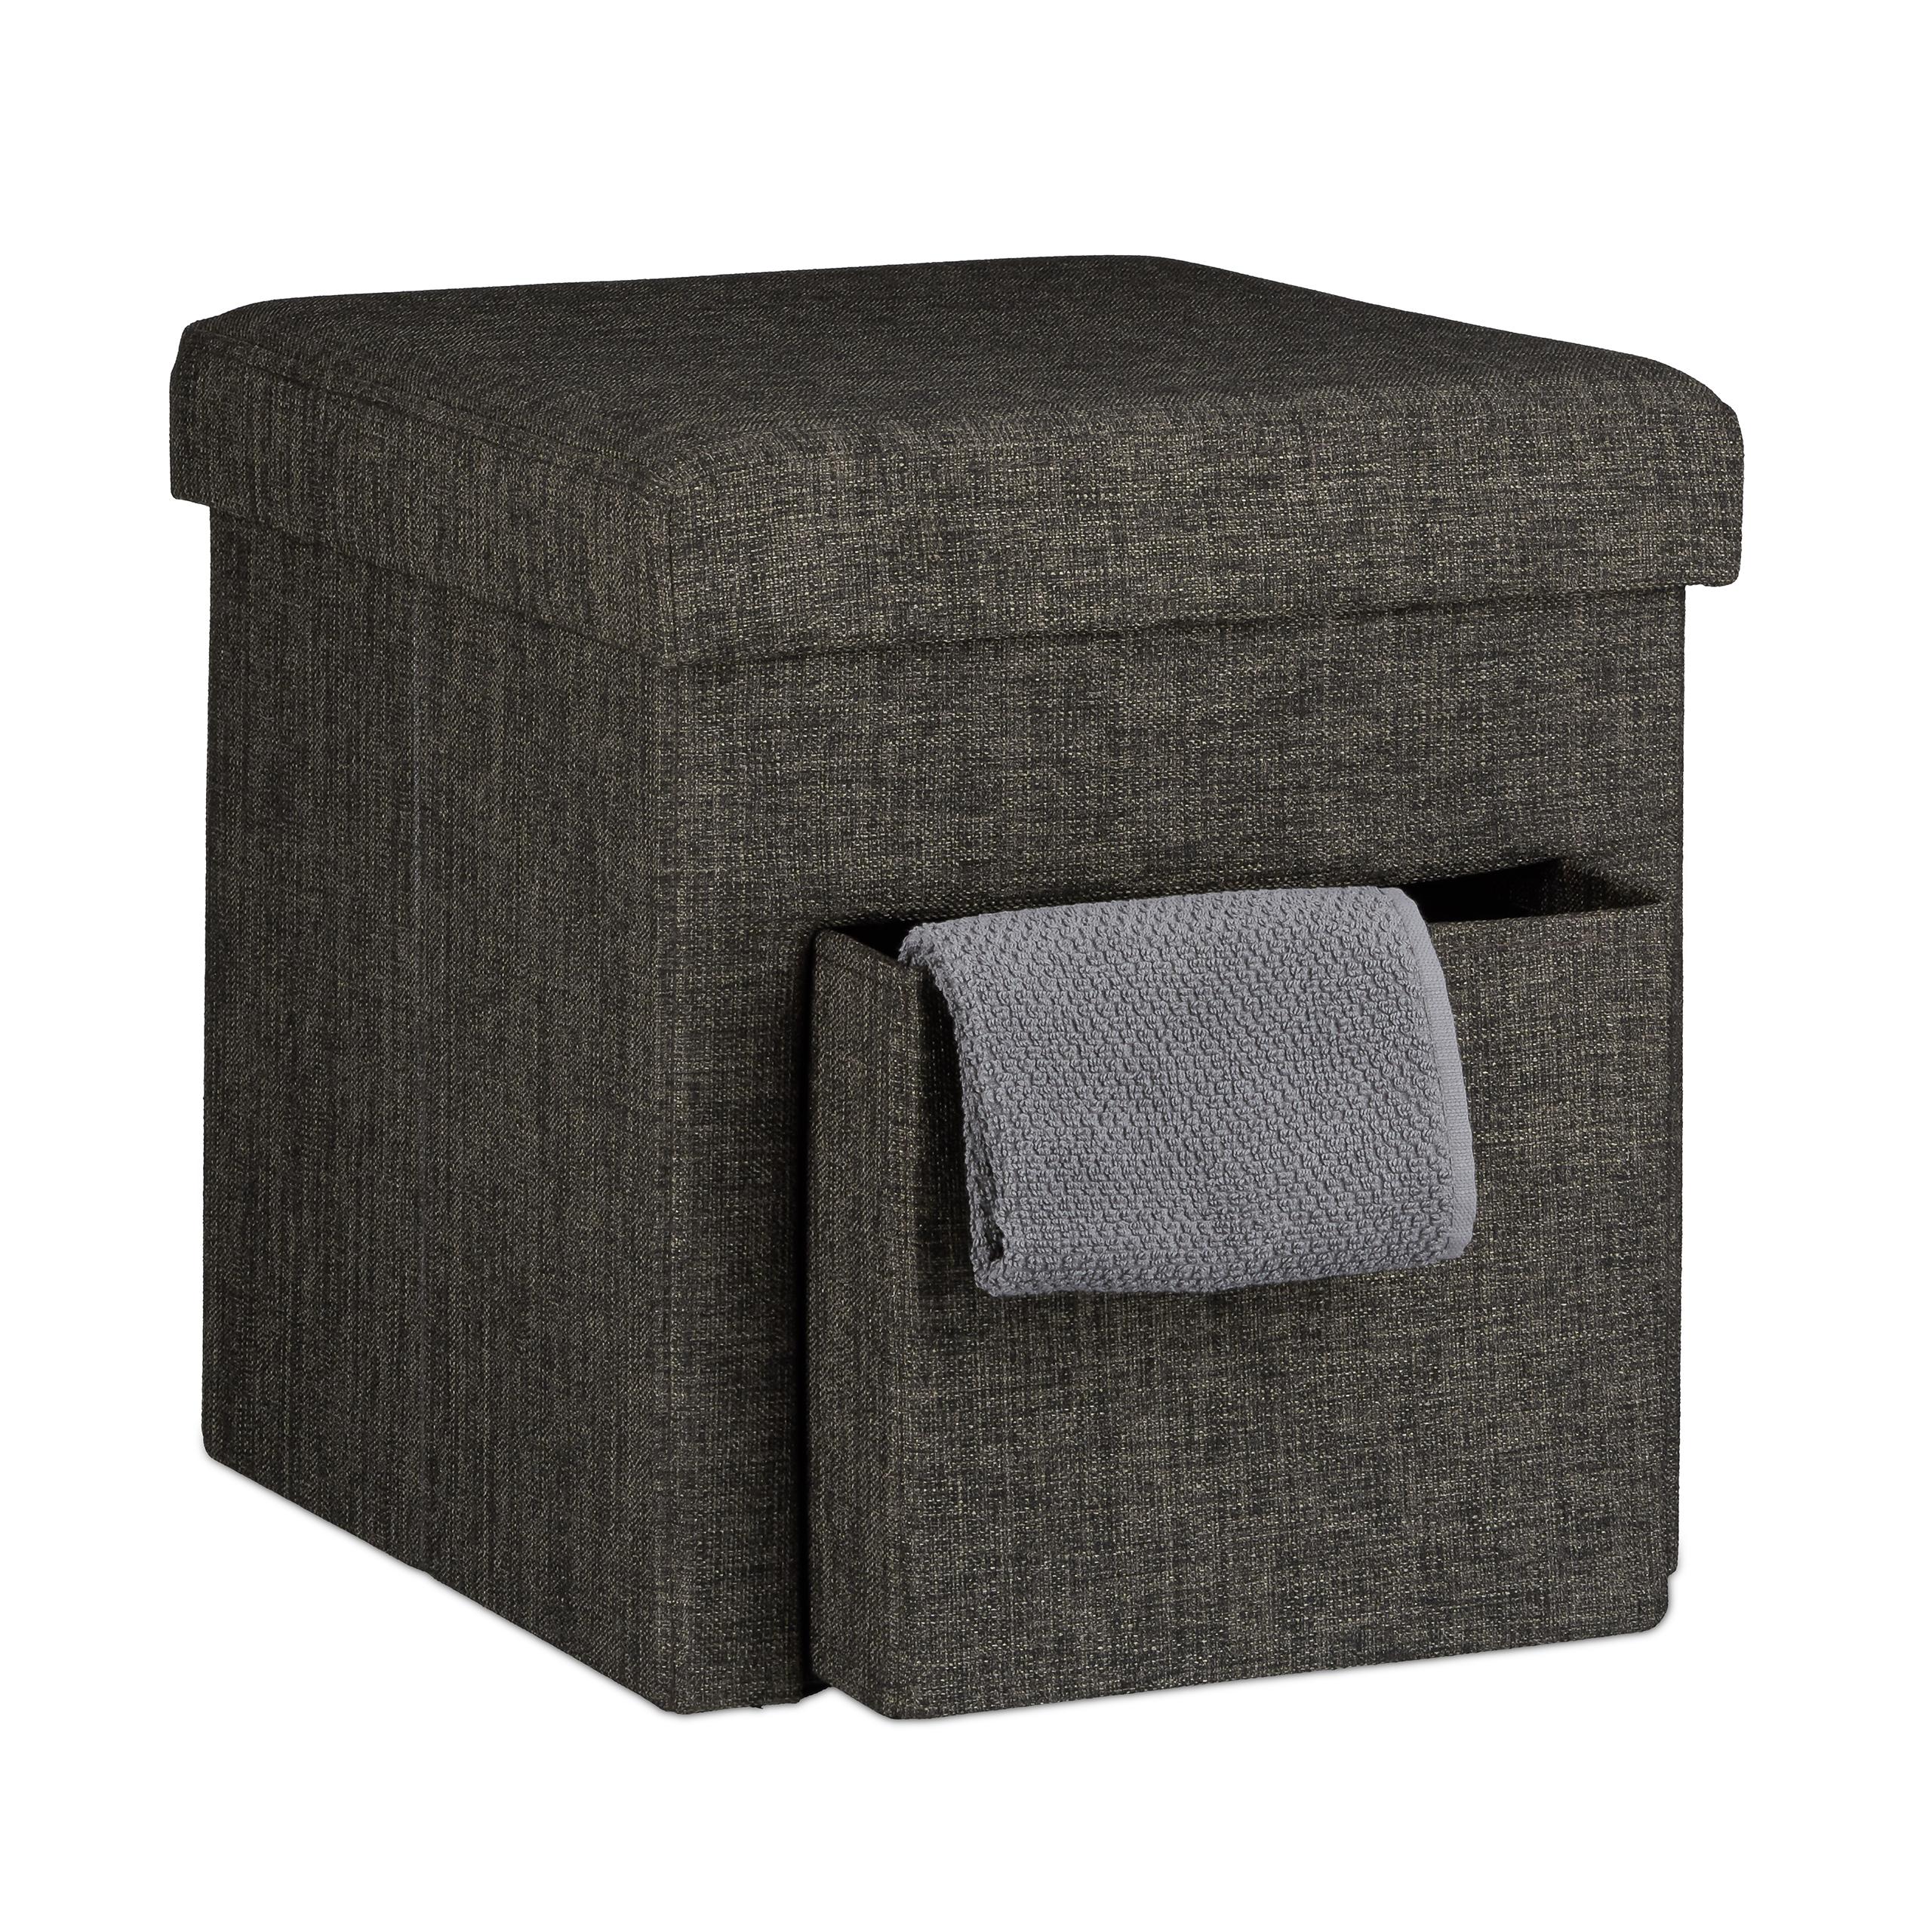 Faltbarer sitzhocker mit stauraum leinen mit fach for Sitzhocker mit stauraum